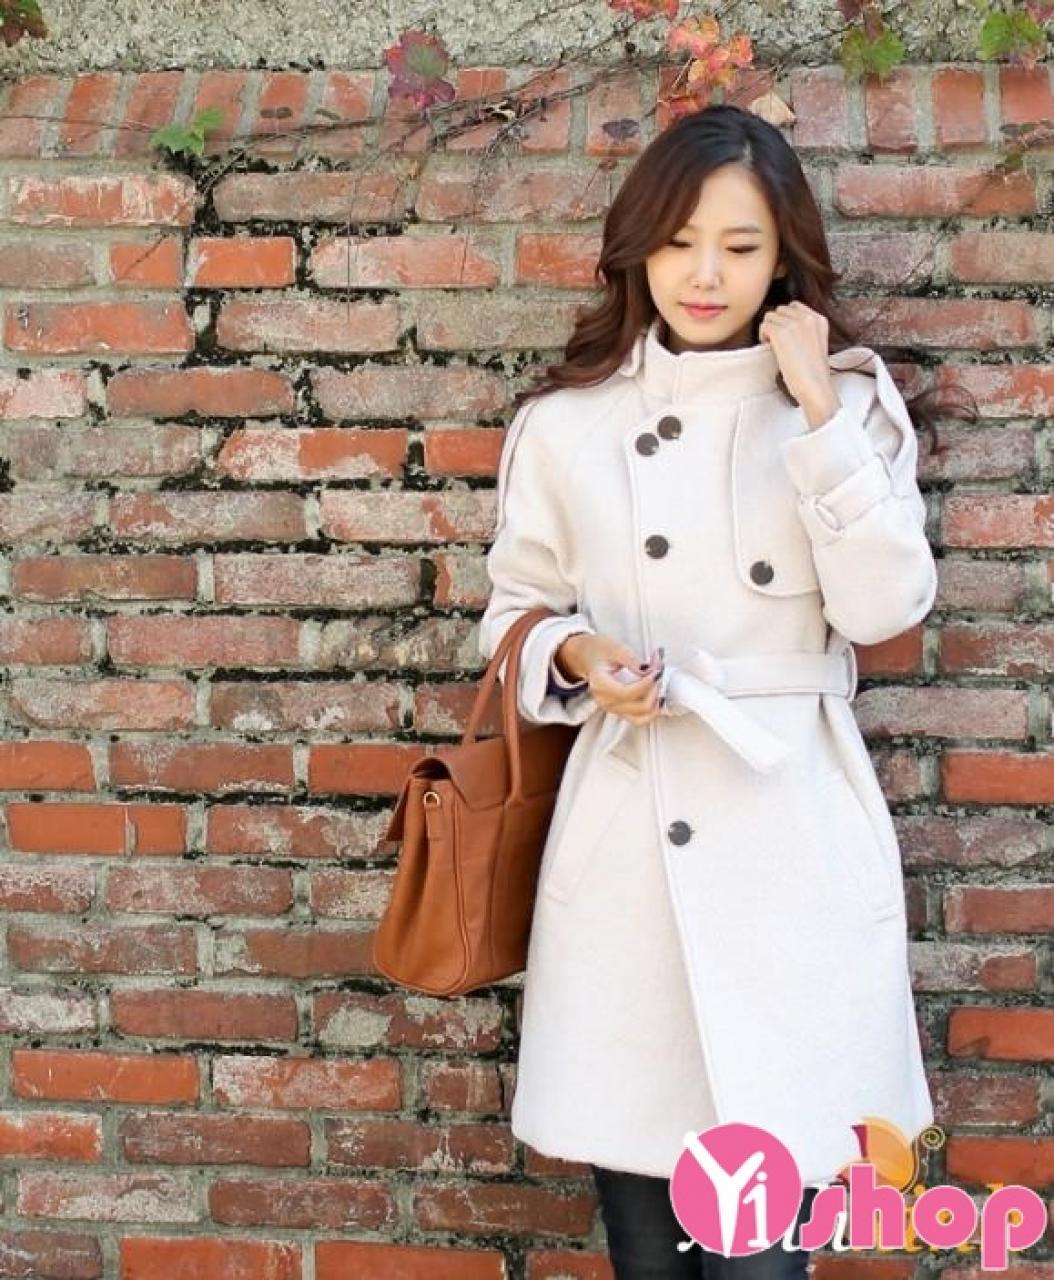 Áo khoác dạ nữ cổ cao đẹp kiểu Hàn Quốc ấm áp thu đông 2019